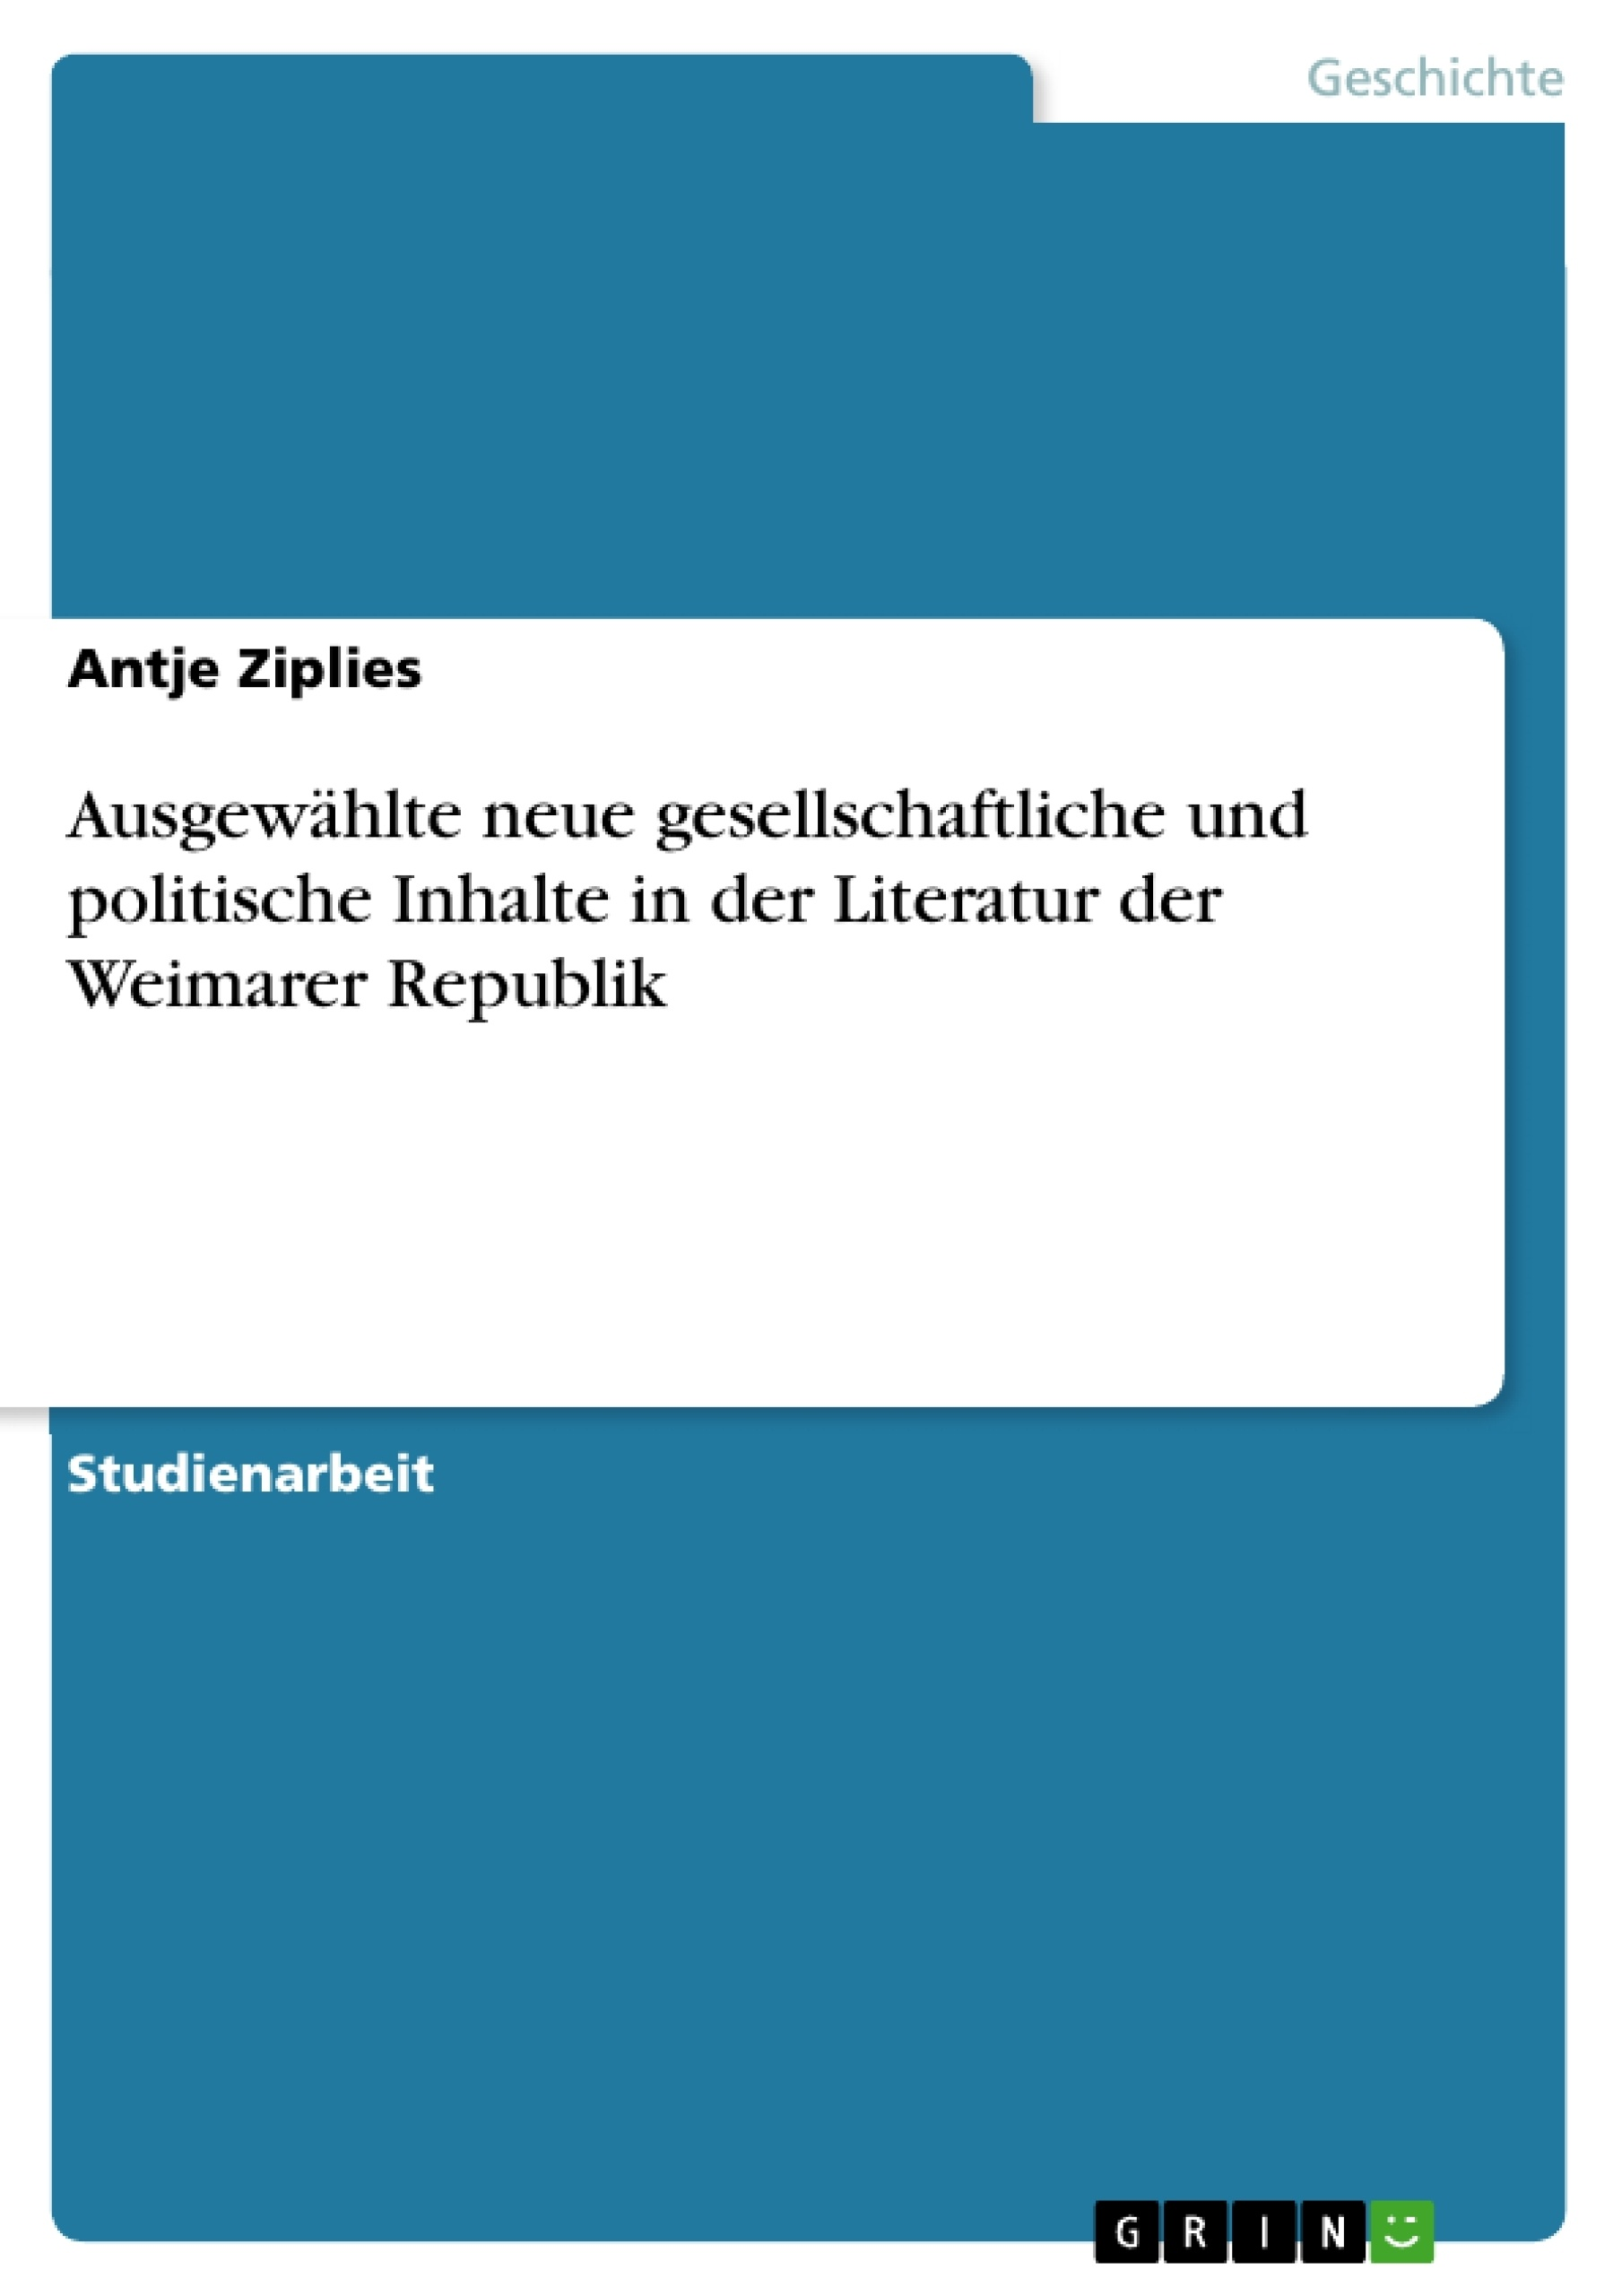 Titel: Ausgewählte neue gesellschaftliche und politische Inhalte in der  Literatur der Weimarer Republik